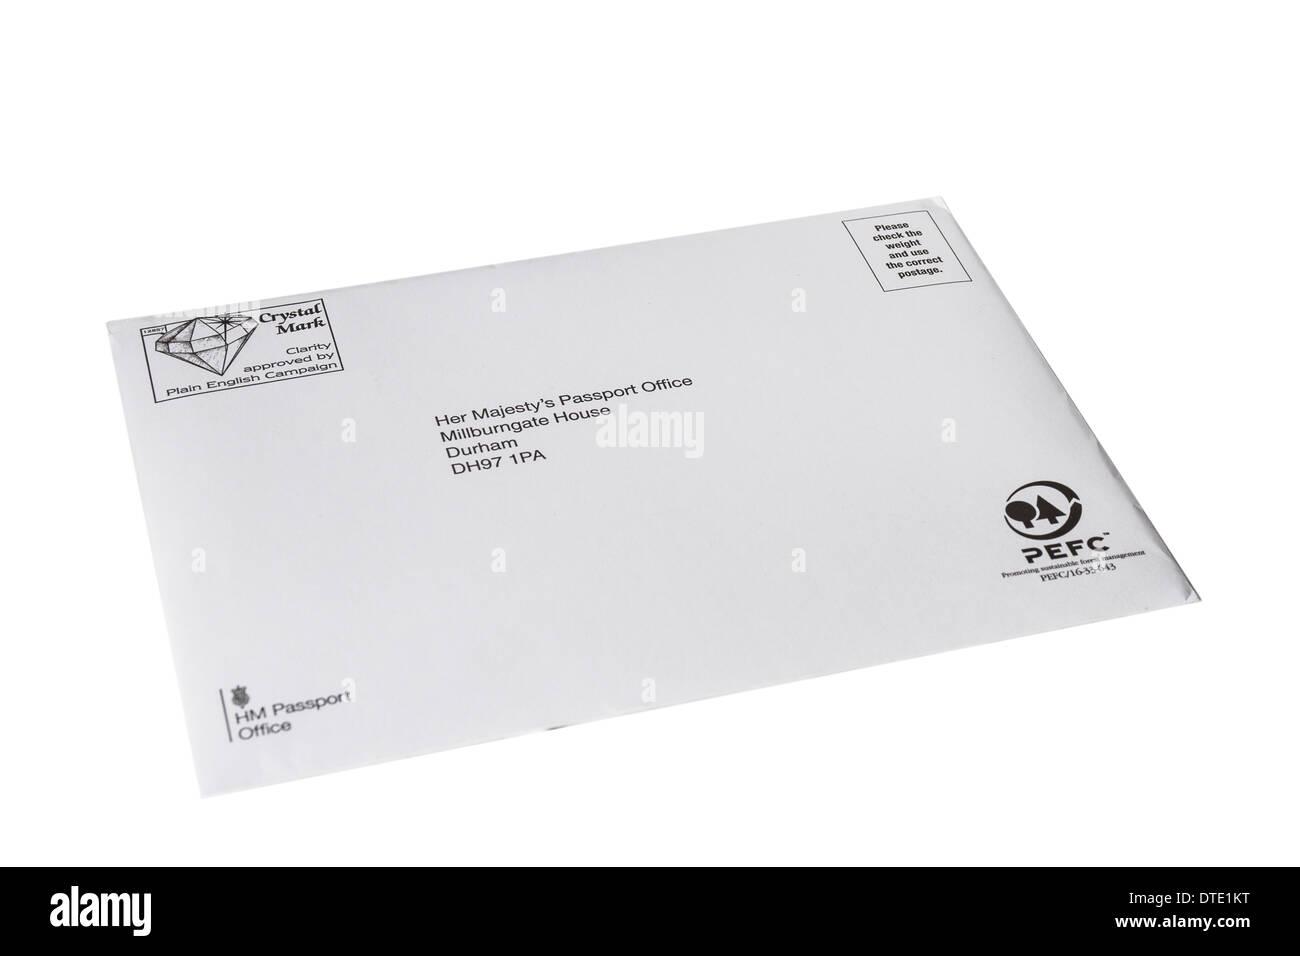 Bureau des passeports enveloppe utilisée pour afficher les